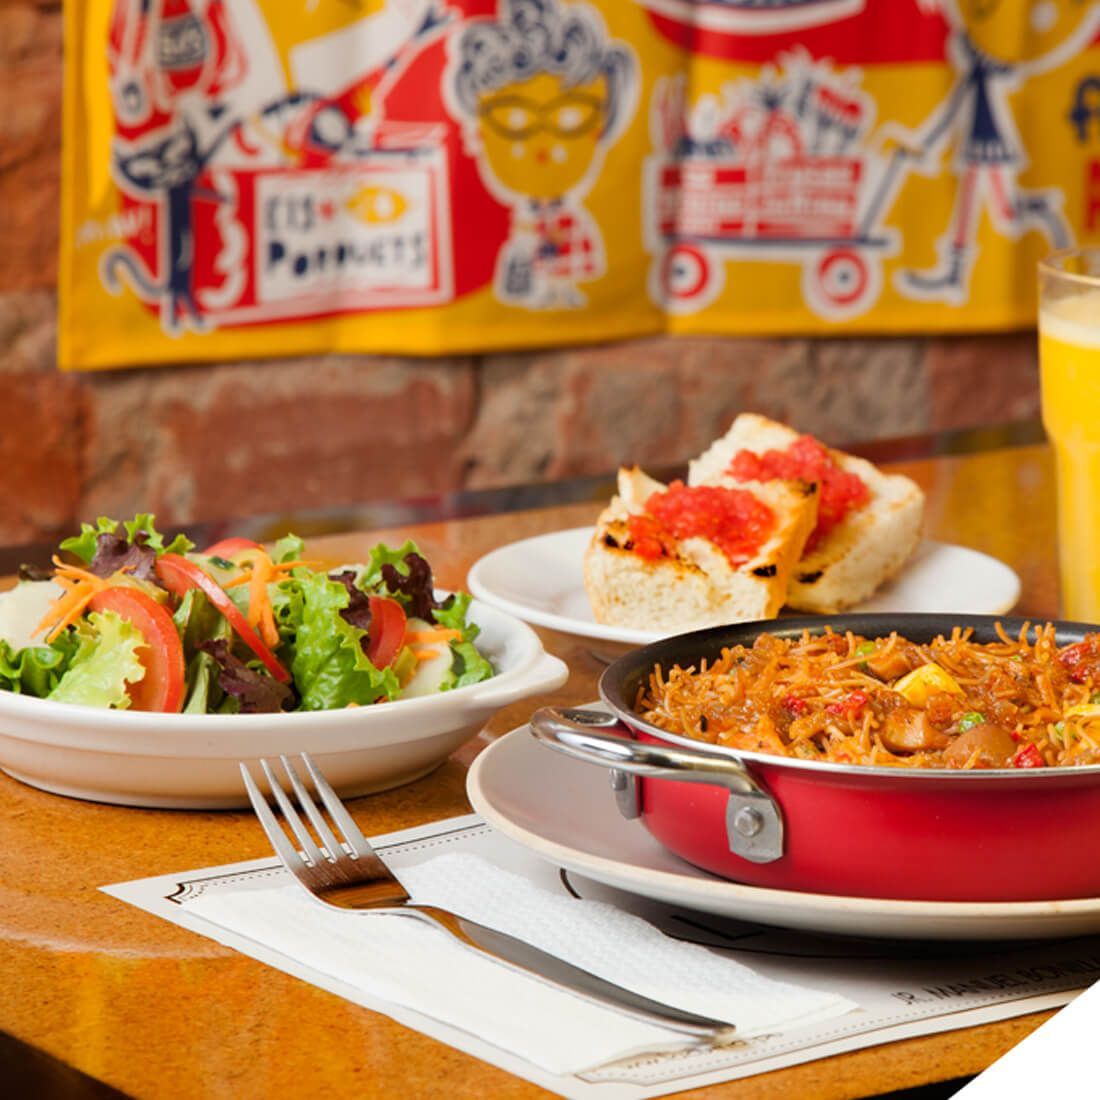 LA CUINA DE BONILLA Restaurante - Reserva y Pide Delivery o Take Out en restaurantes de Comida MEDITERRáNEA - MIRAFLORES - MESA 24/7 | LIMA - Perú